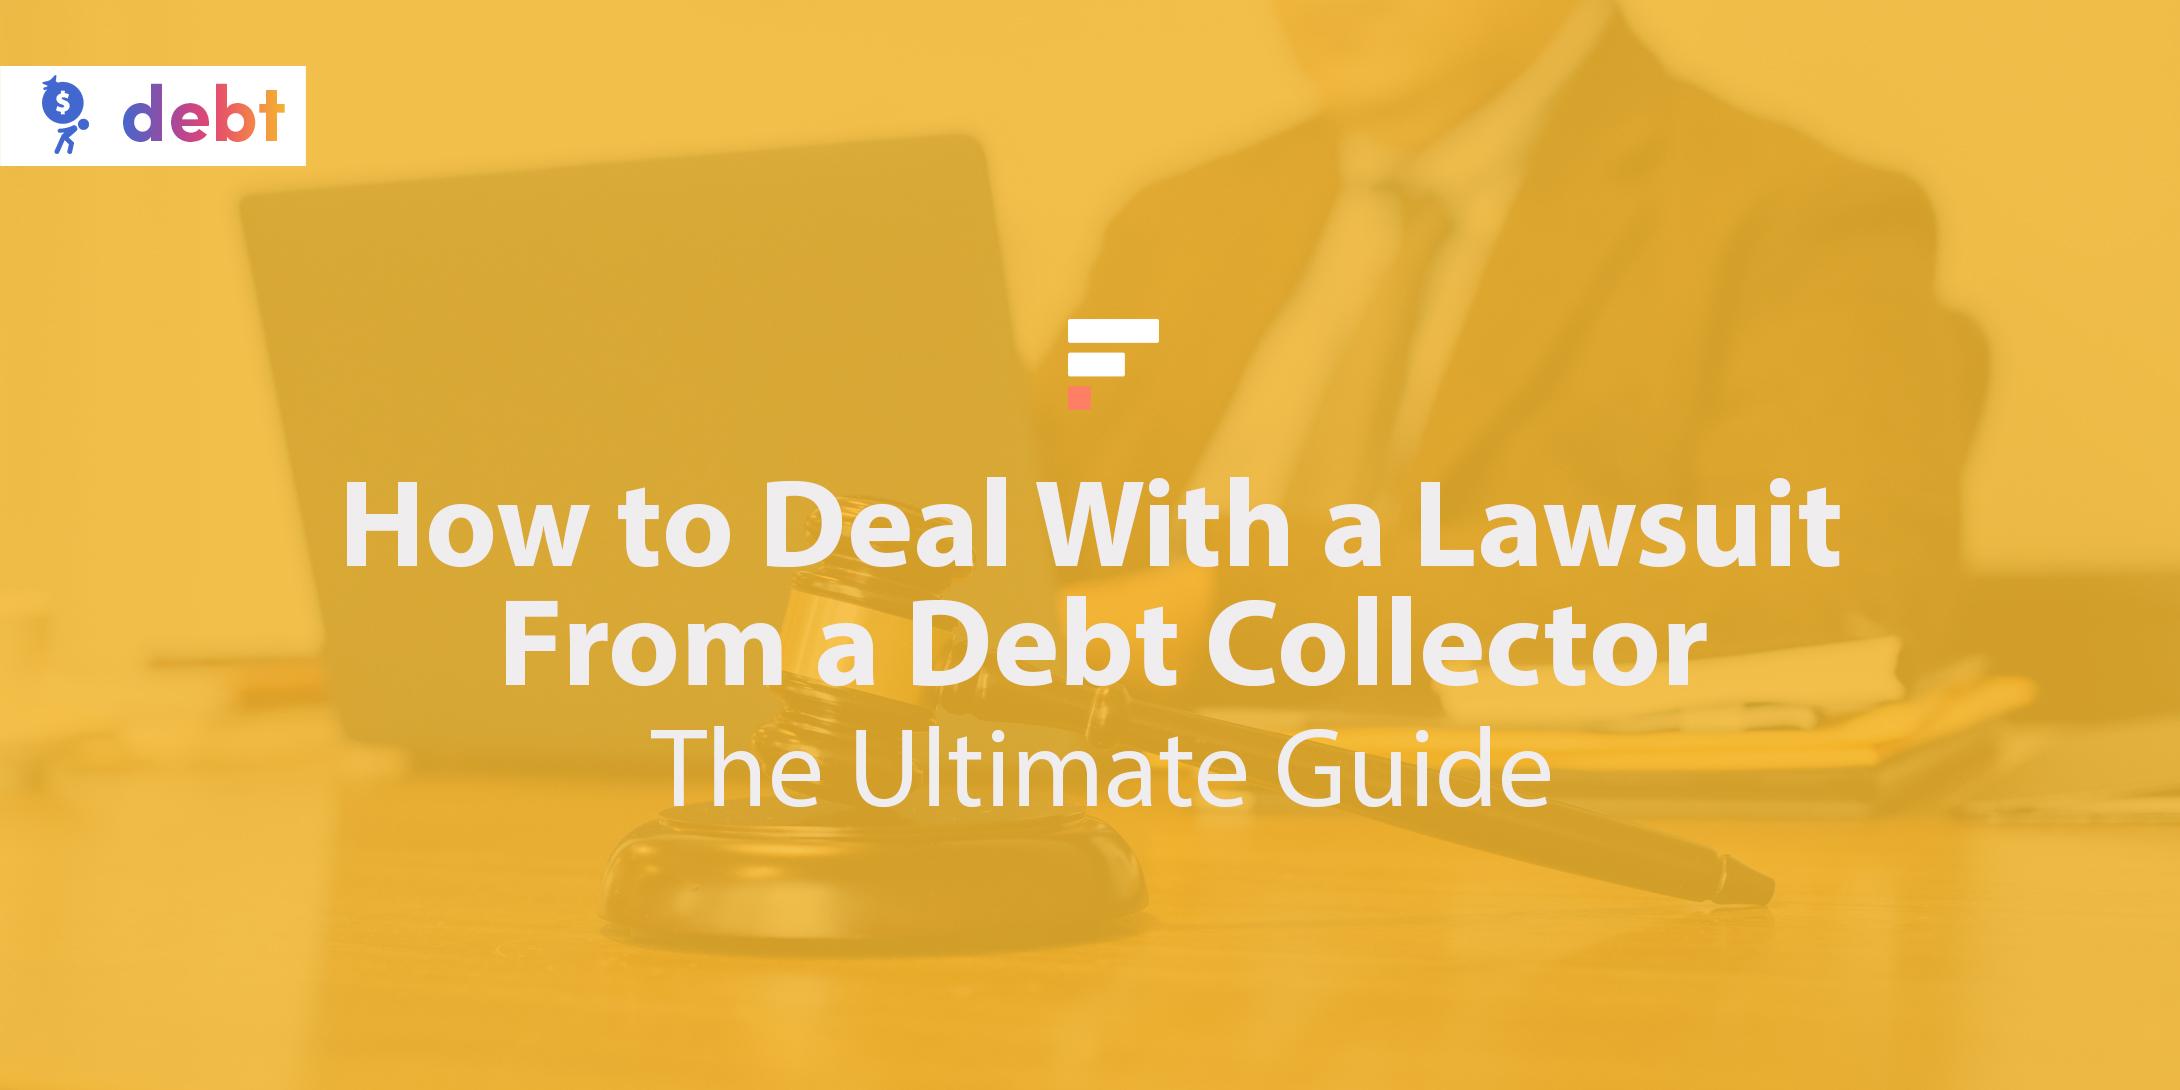 Sued by a debt collector